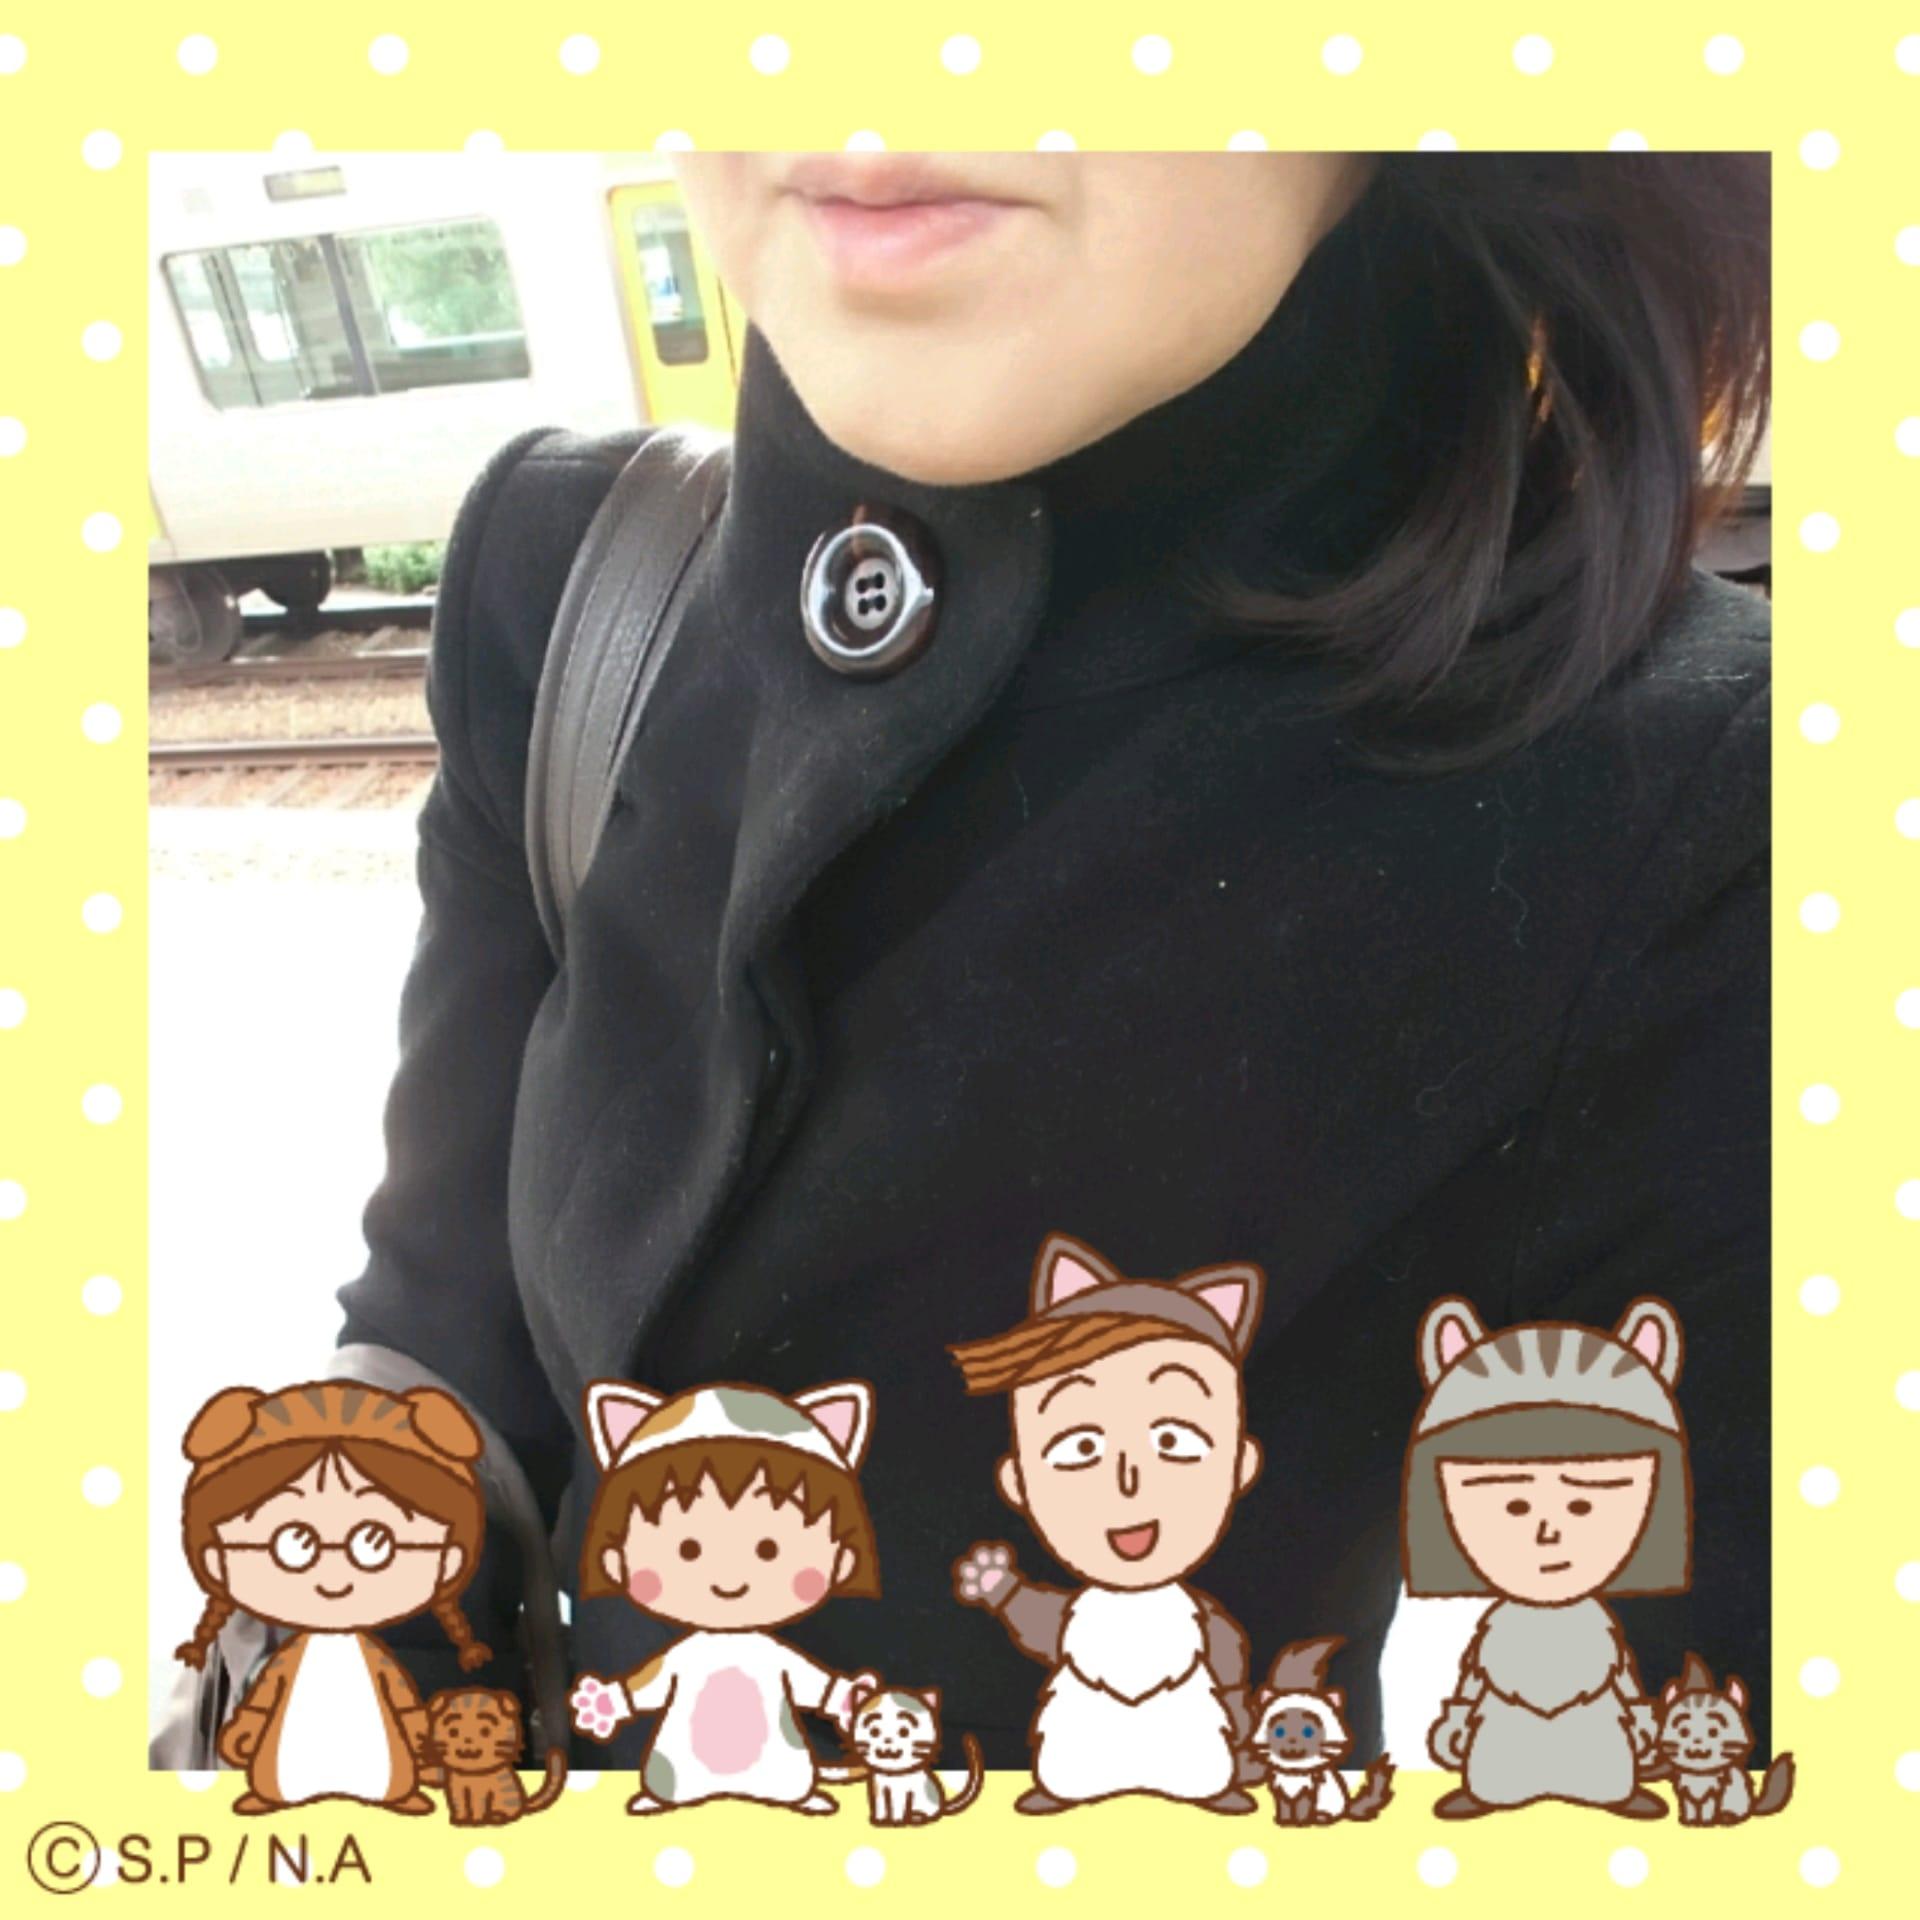 あさみ「穏やかな陽気(*^^*)」01/18(木) 08:28 | あさみの写メ・風俗動画